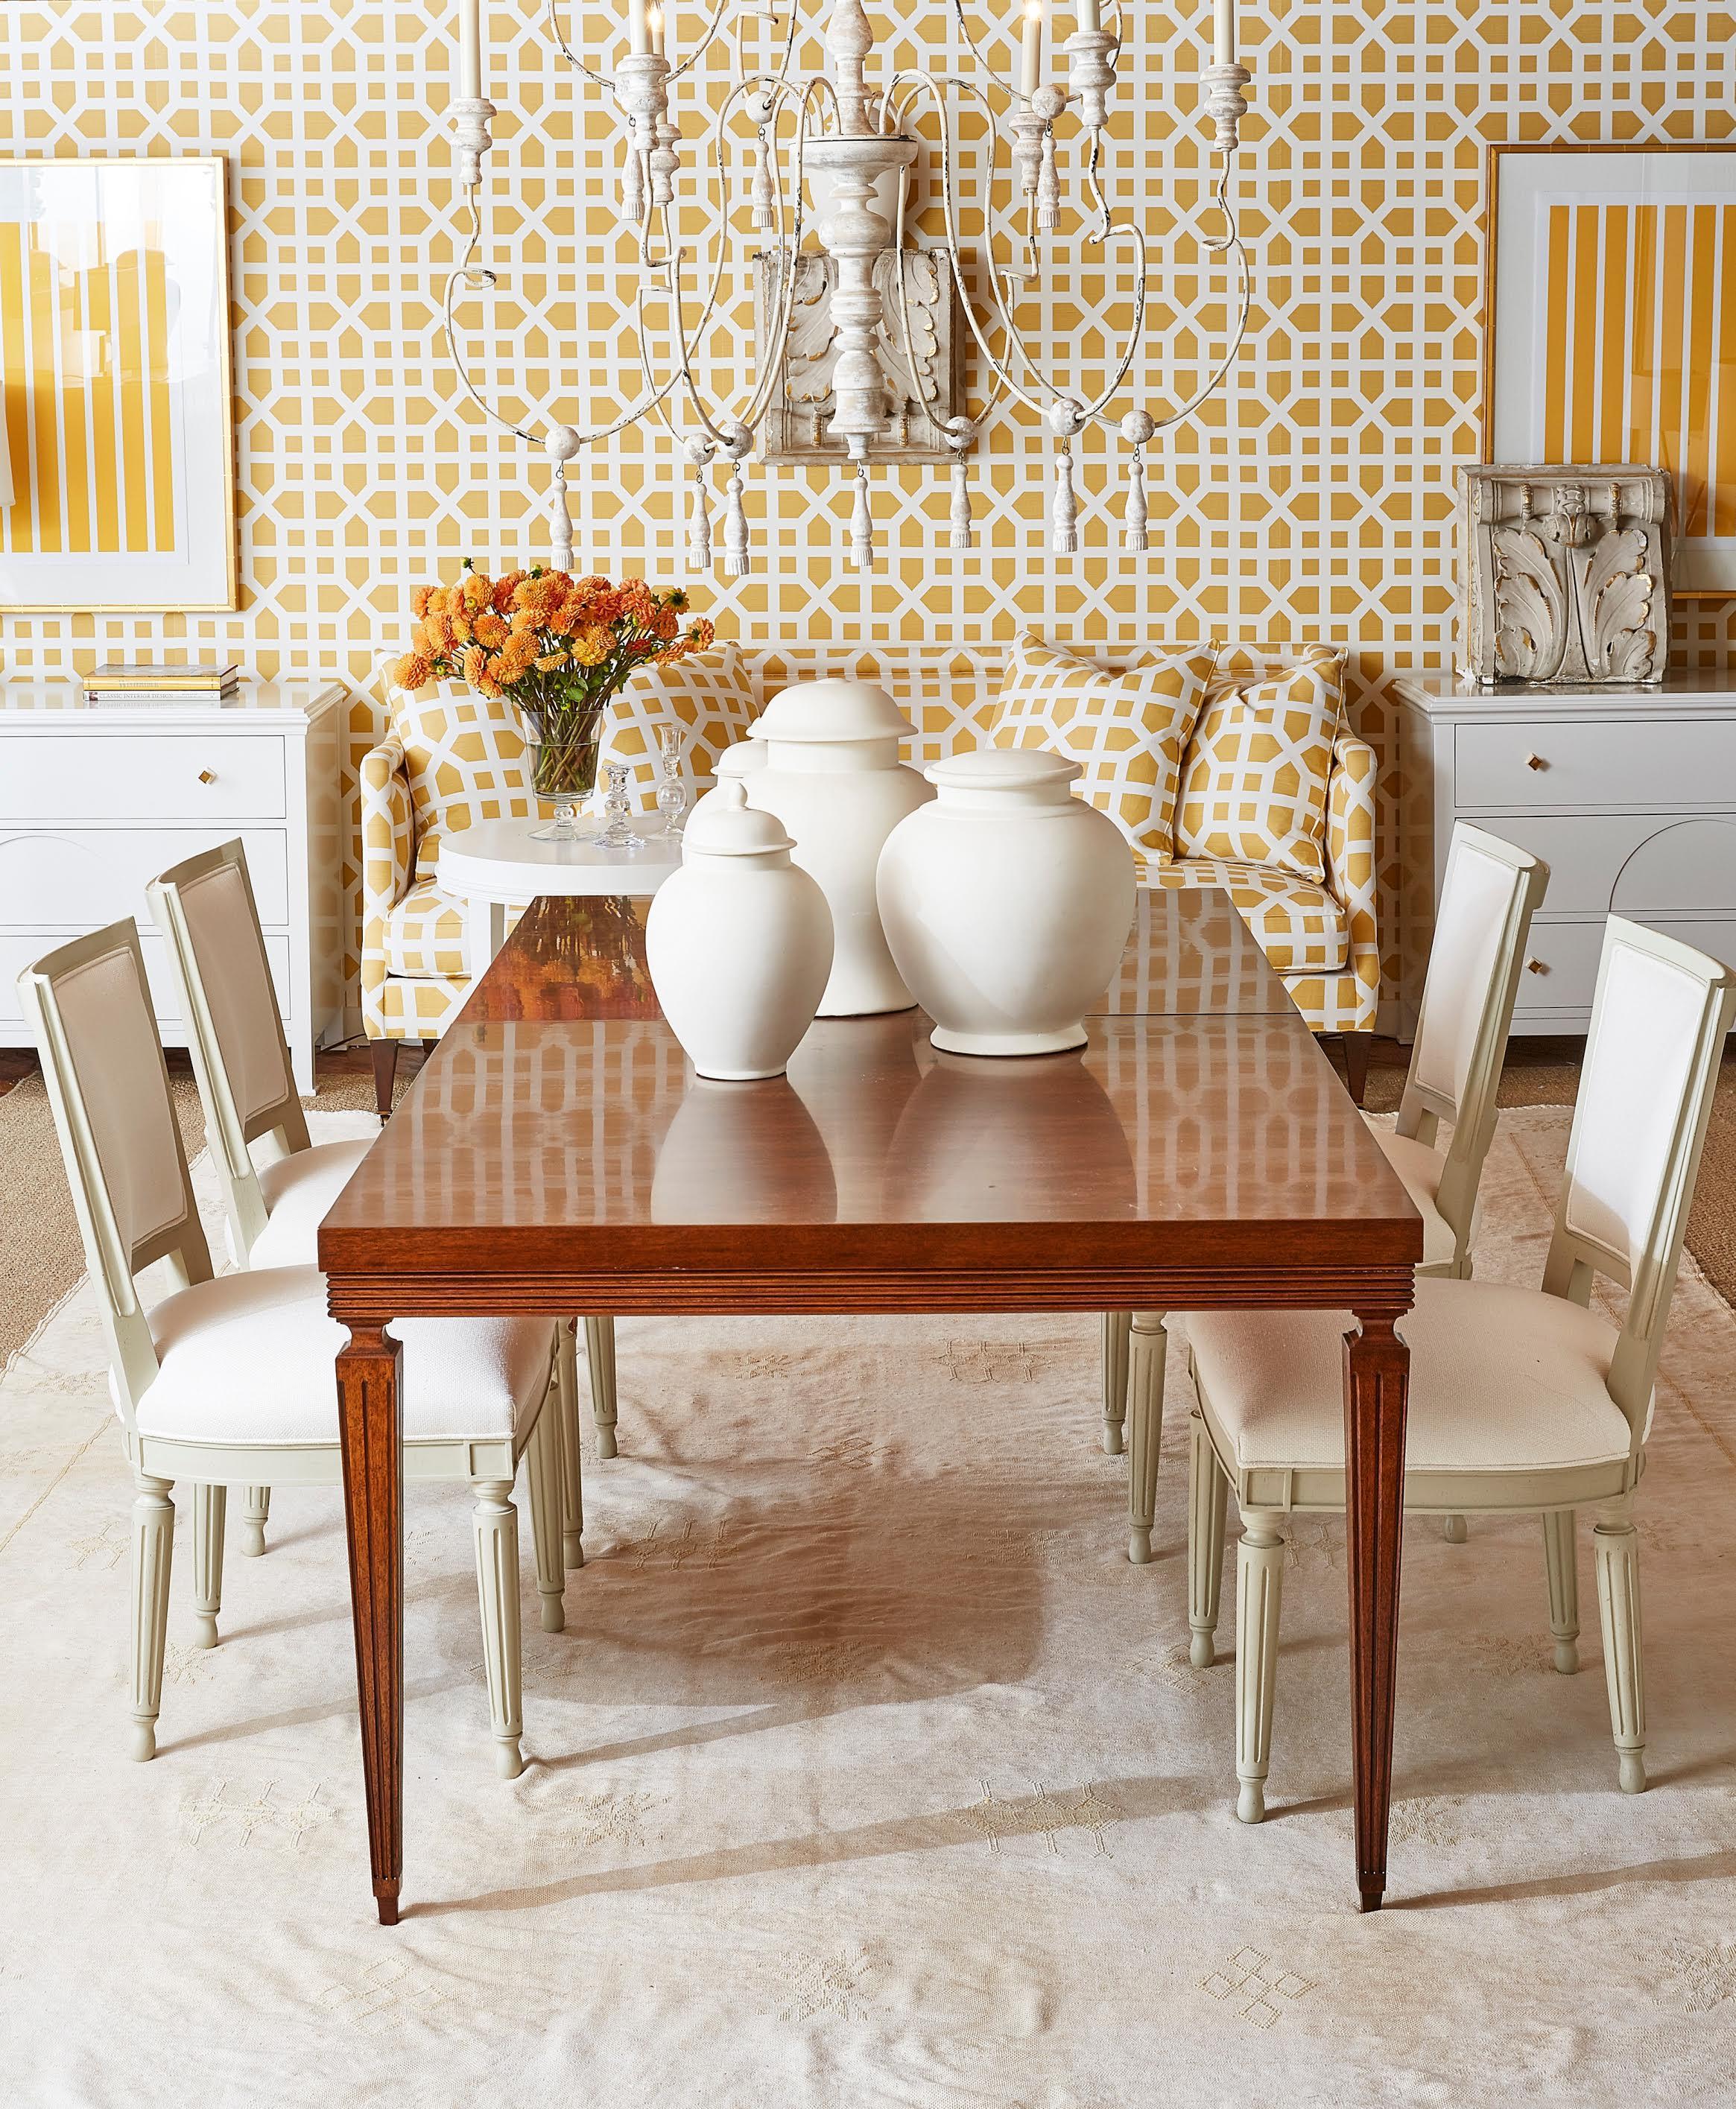 Gasior's Furniture & Interior Design image 5